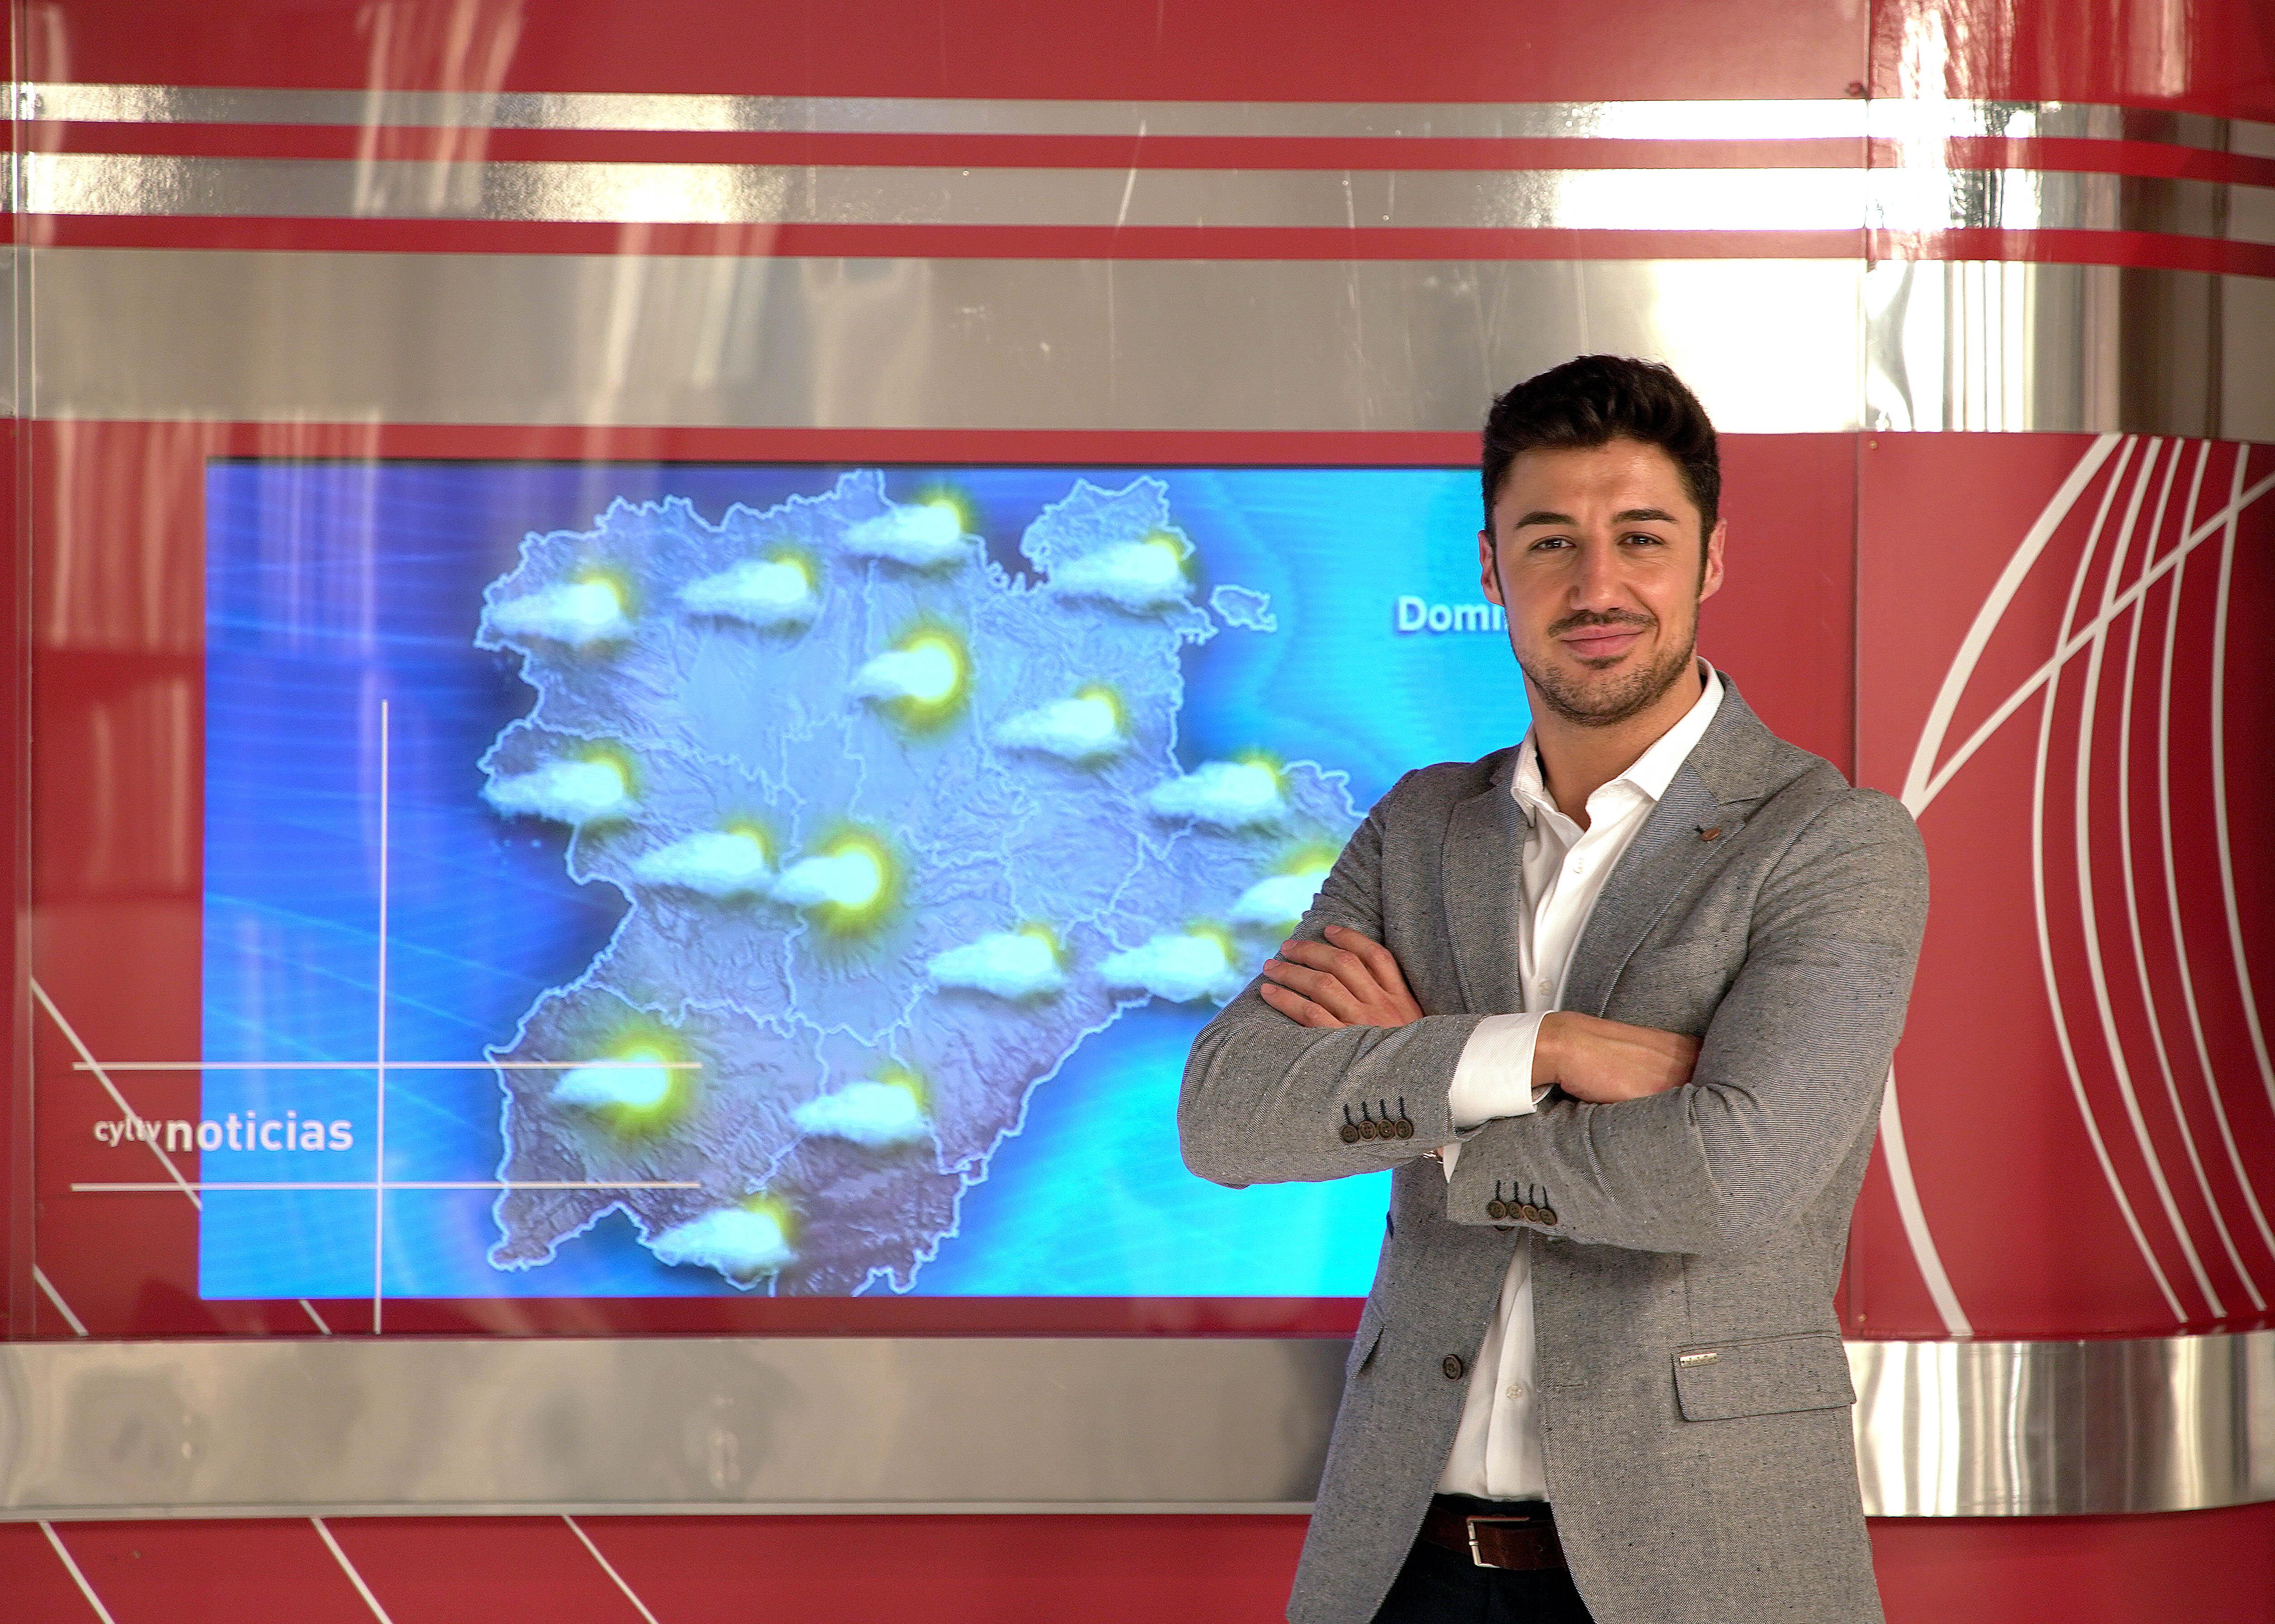 Francisco Chacho El Tiempo cyltv